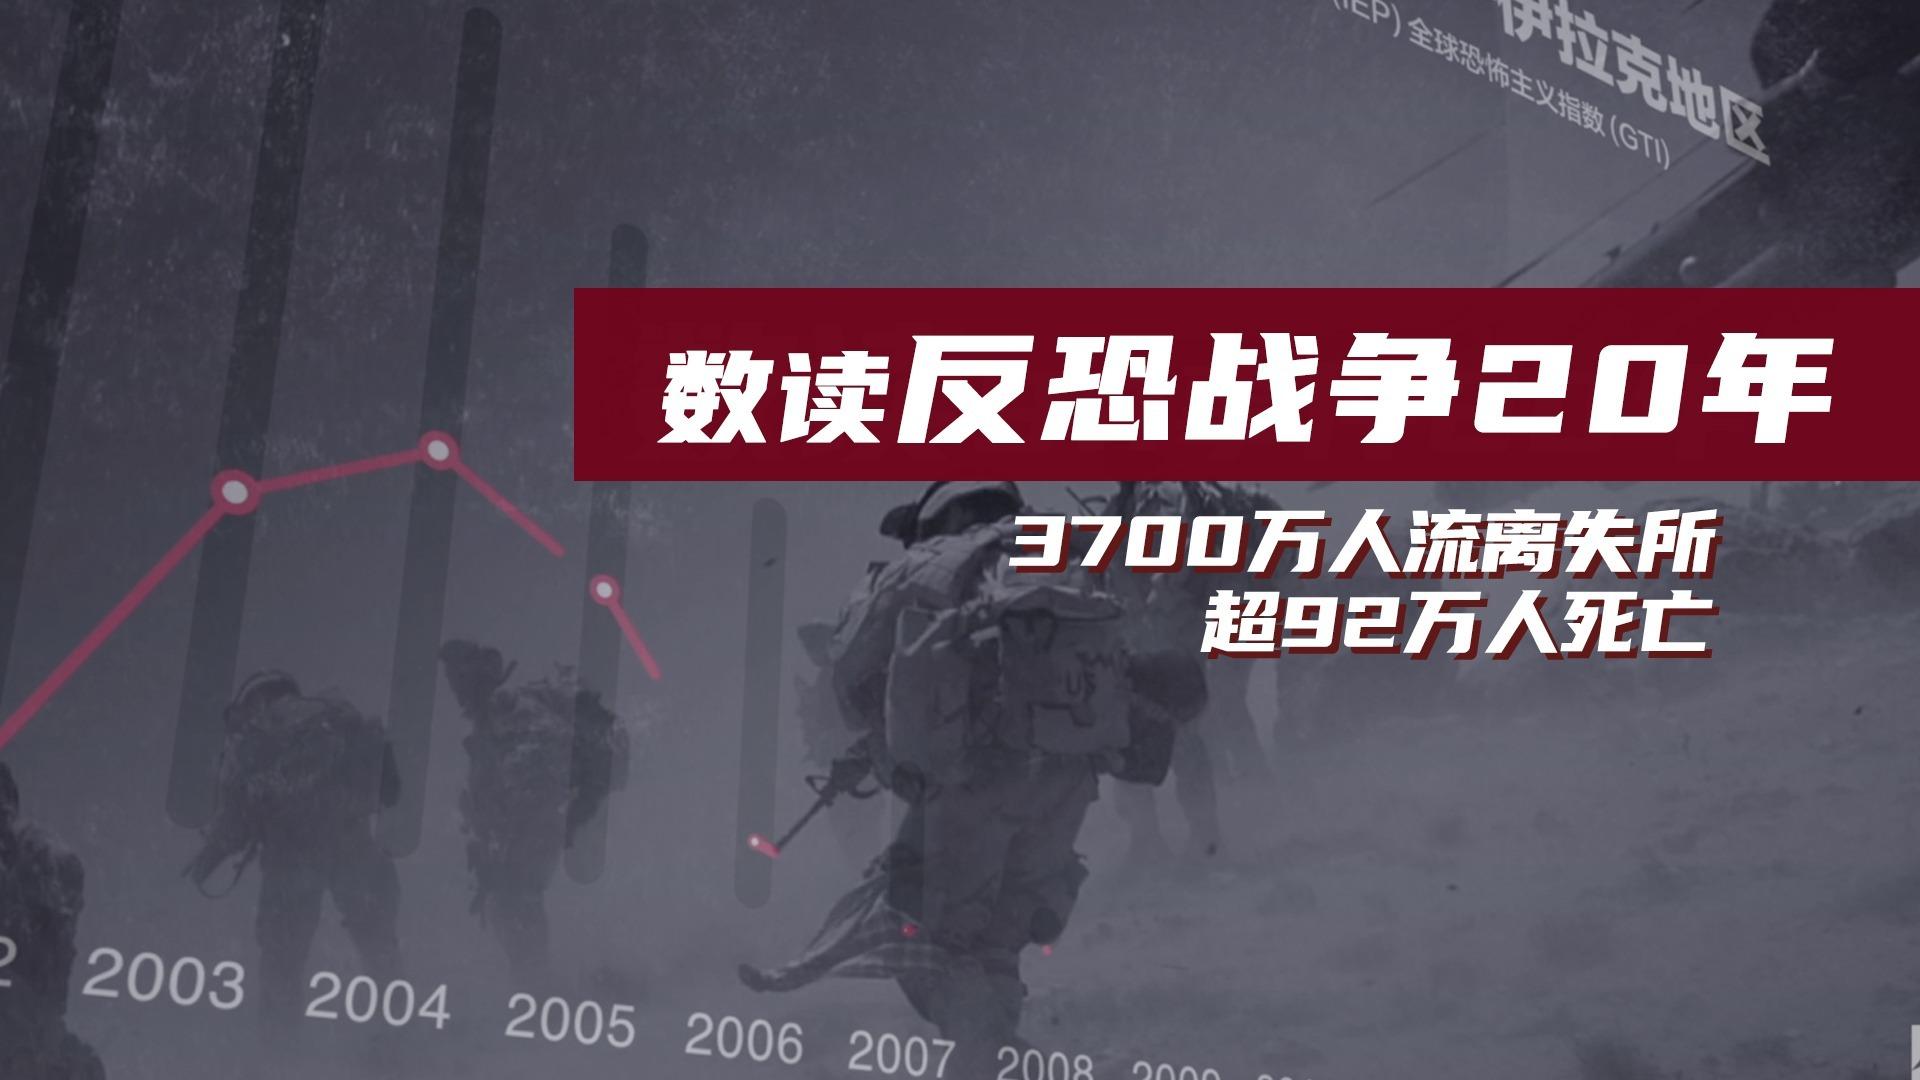 中国一网监滥权被清退 不受约束的公权力下责在何方? * 阿波罗新闻网